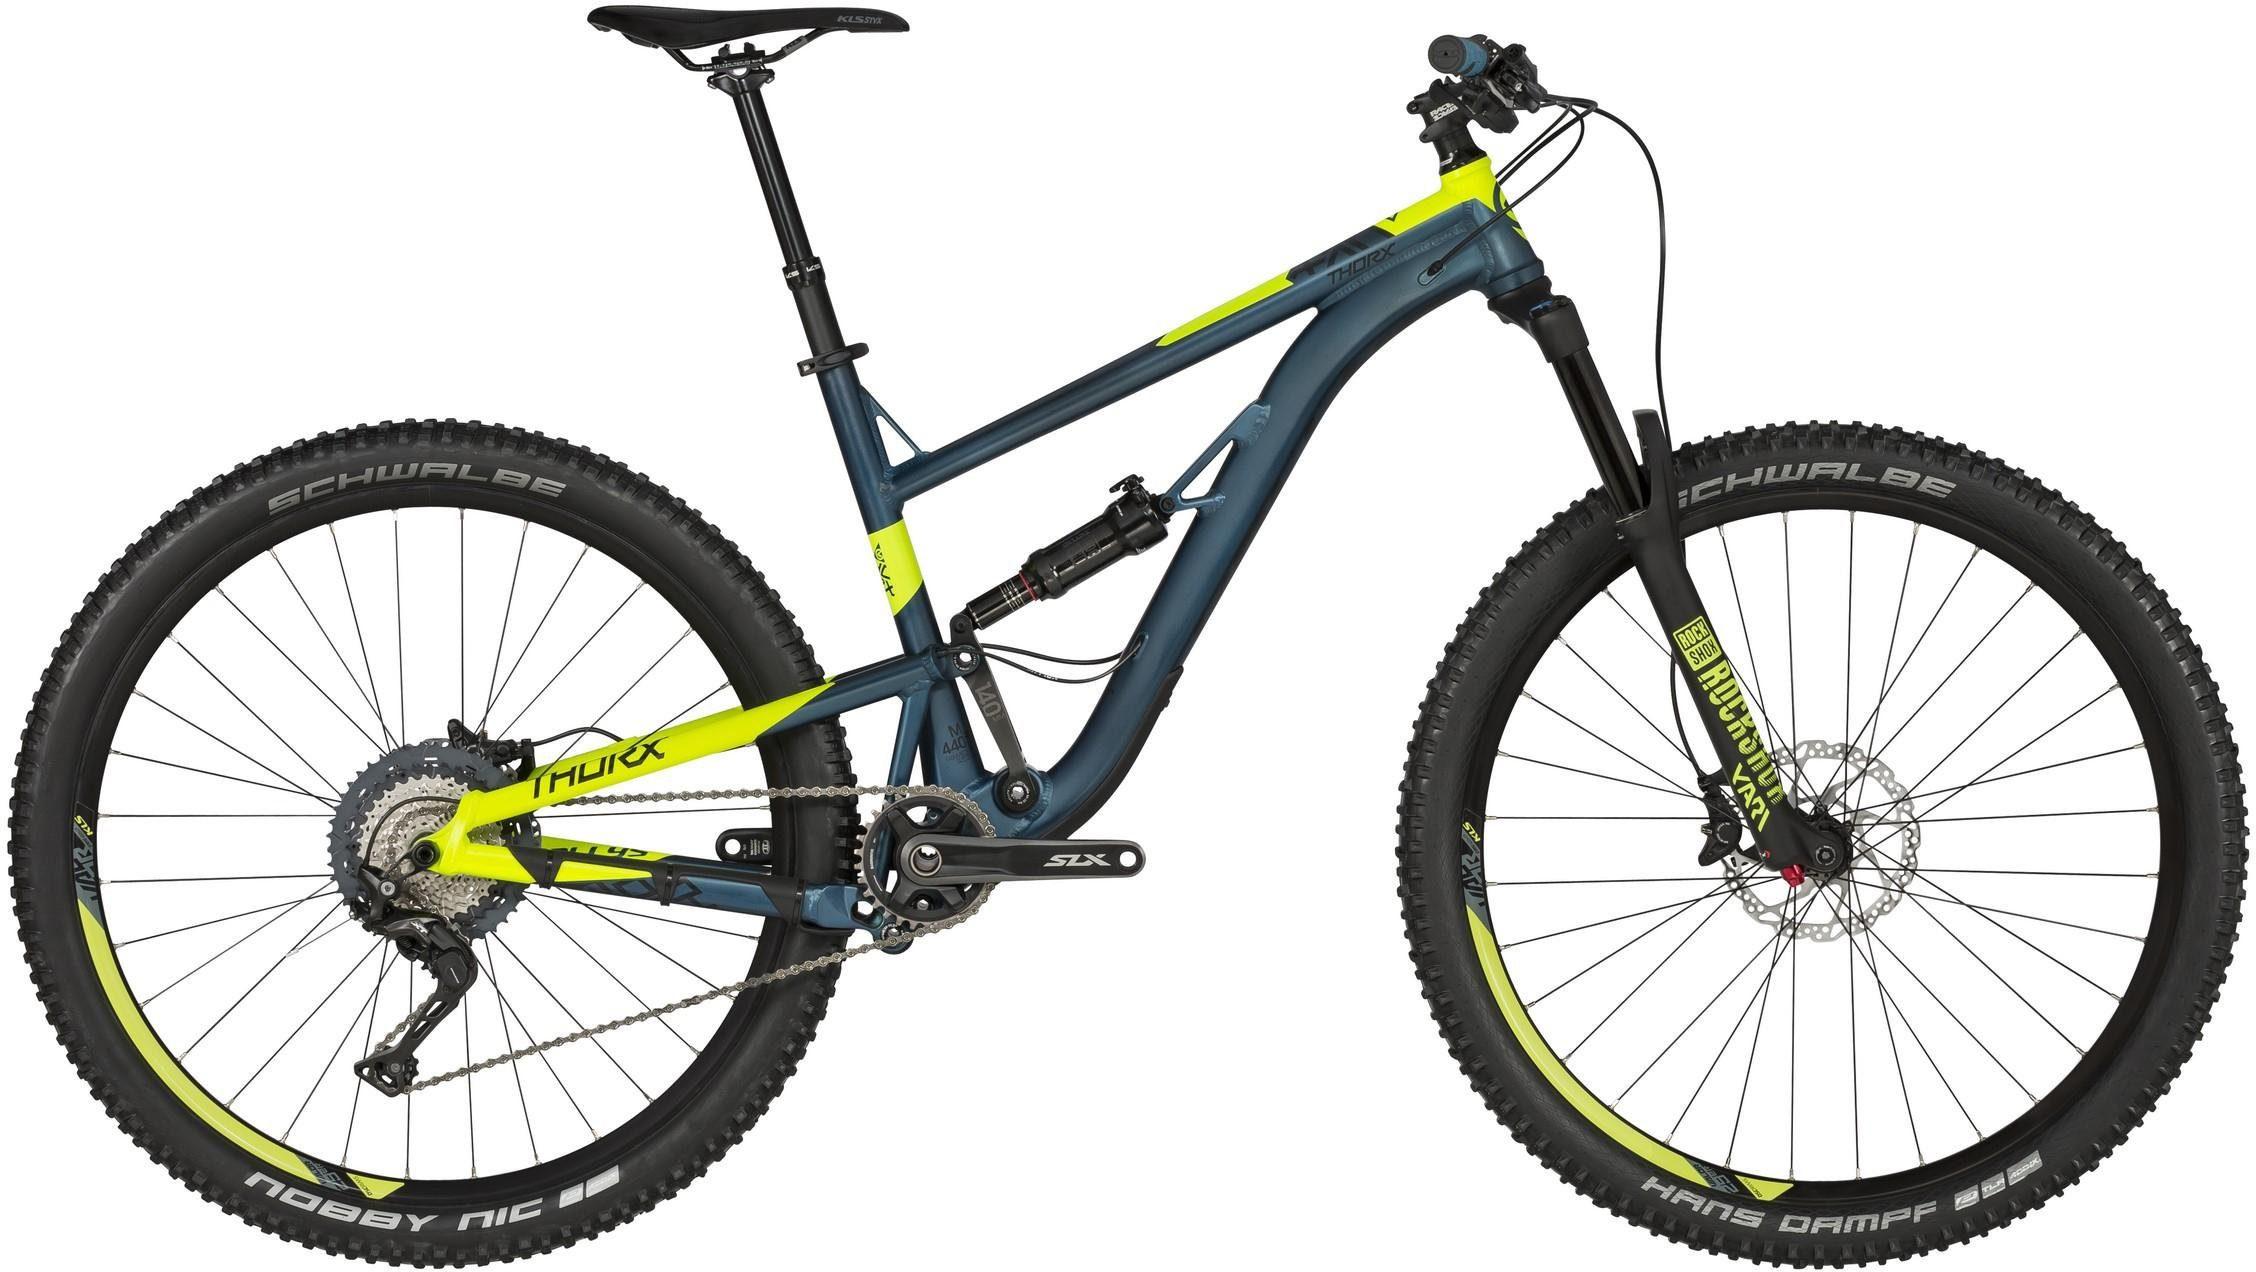 Kellys Mountainbike »Thorx 30 - 27,5 / 29 Zoll«, 11 Gang Shimano Deore XT M8000 Schaltwerk, Kettenschaltung